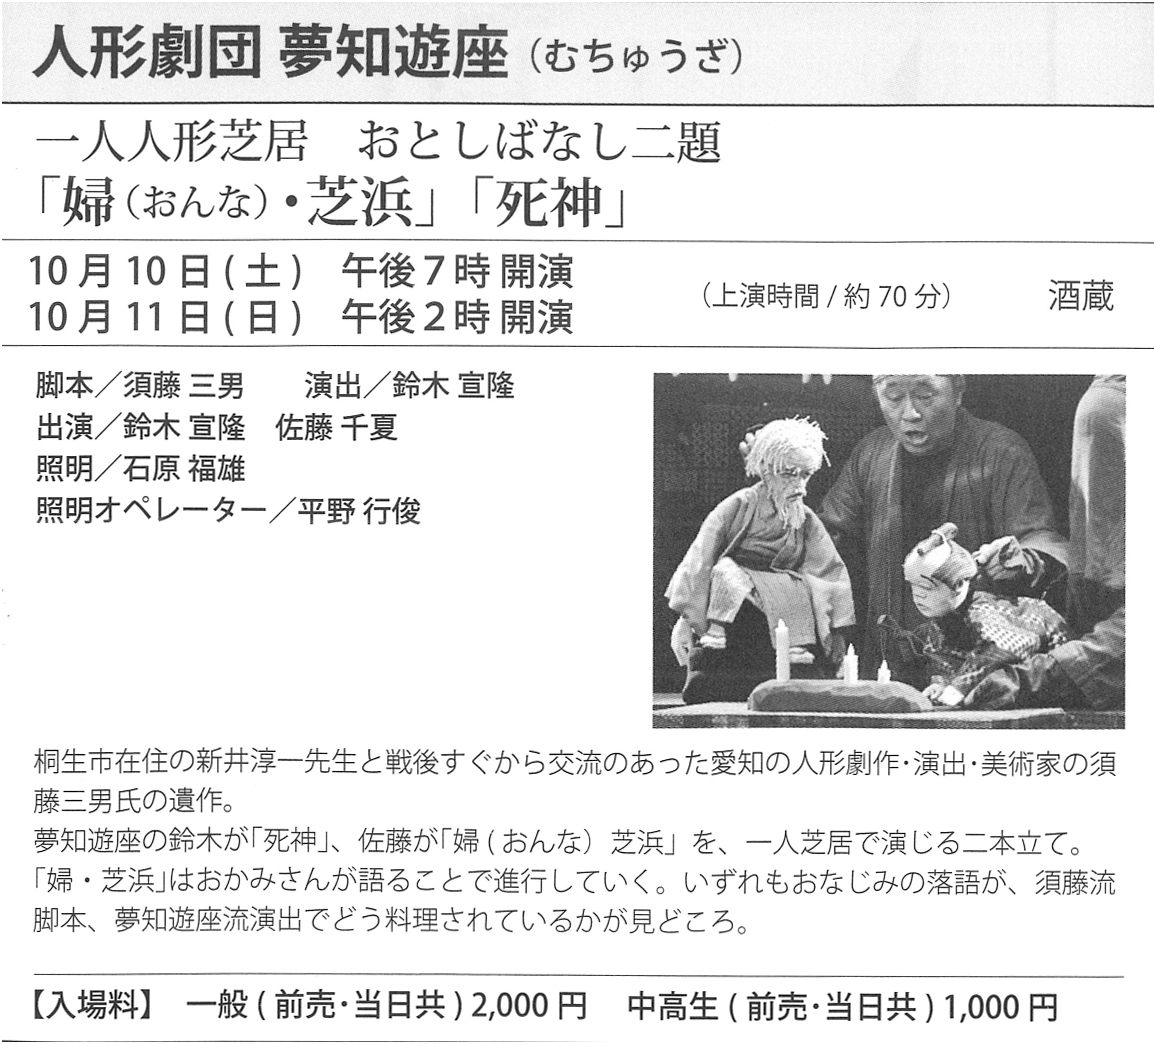 人形劇団 無知遊座 10/10-11